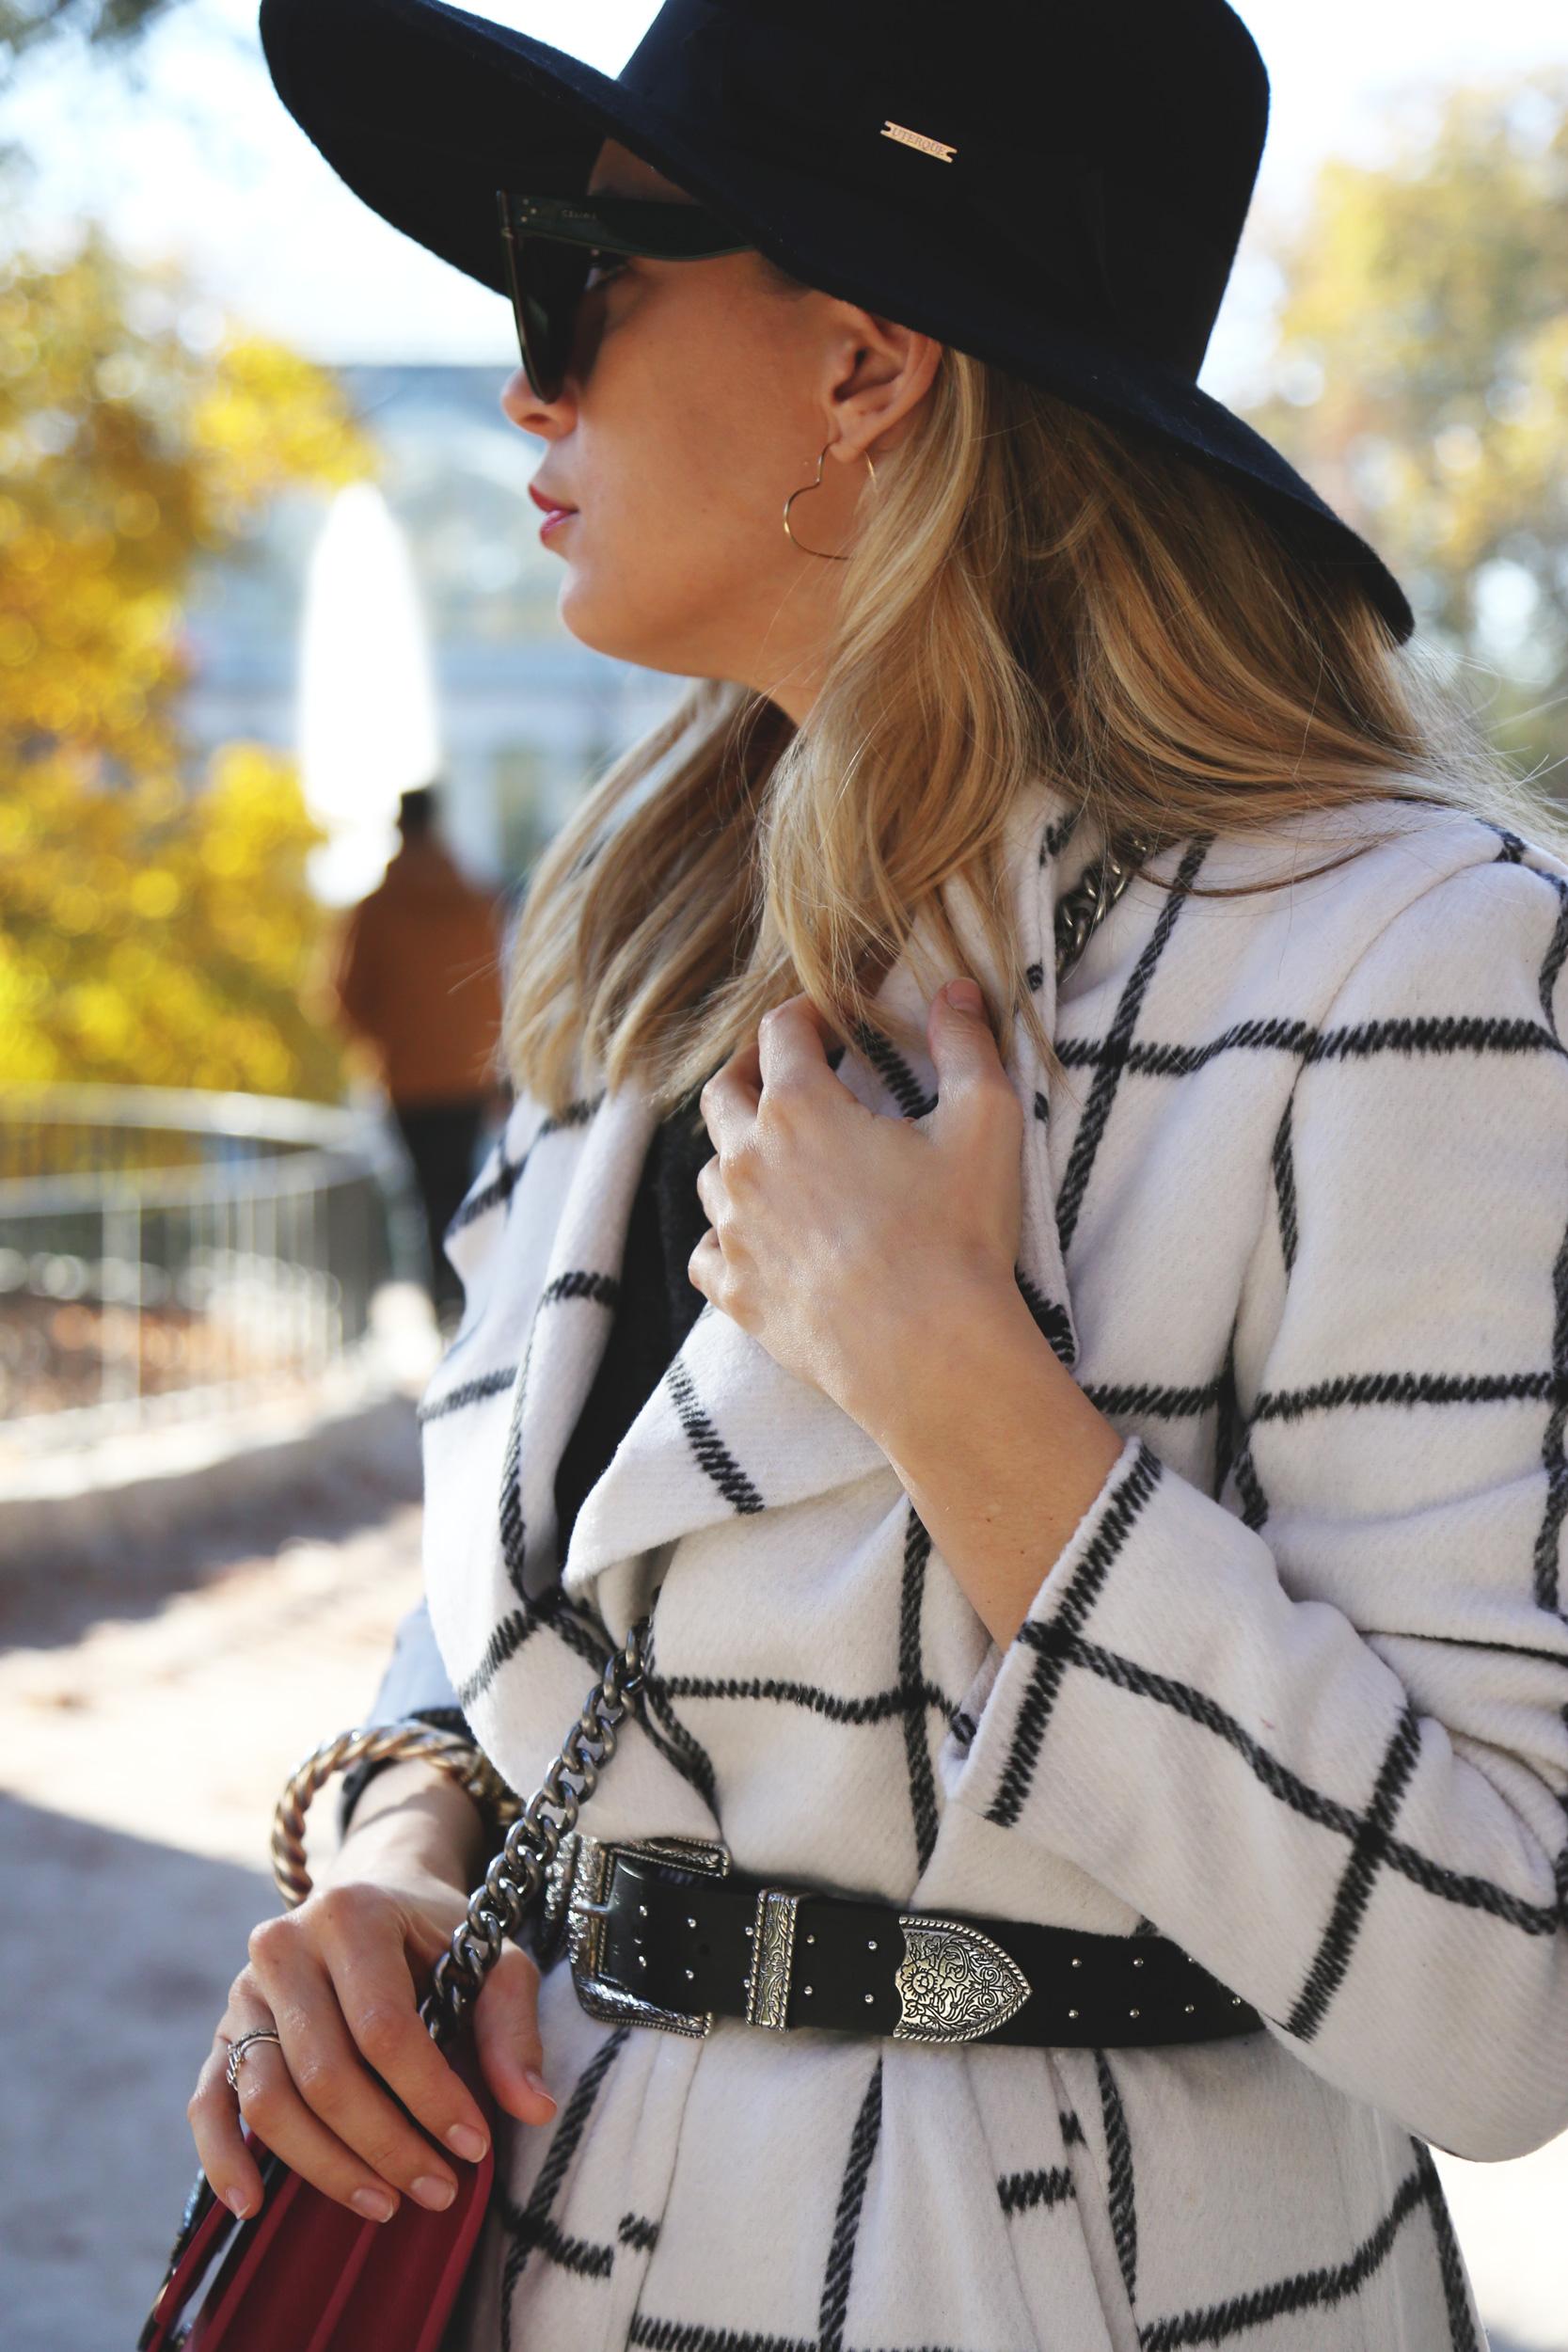 como vestir de forma elegante